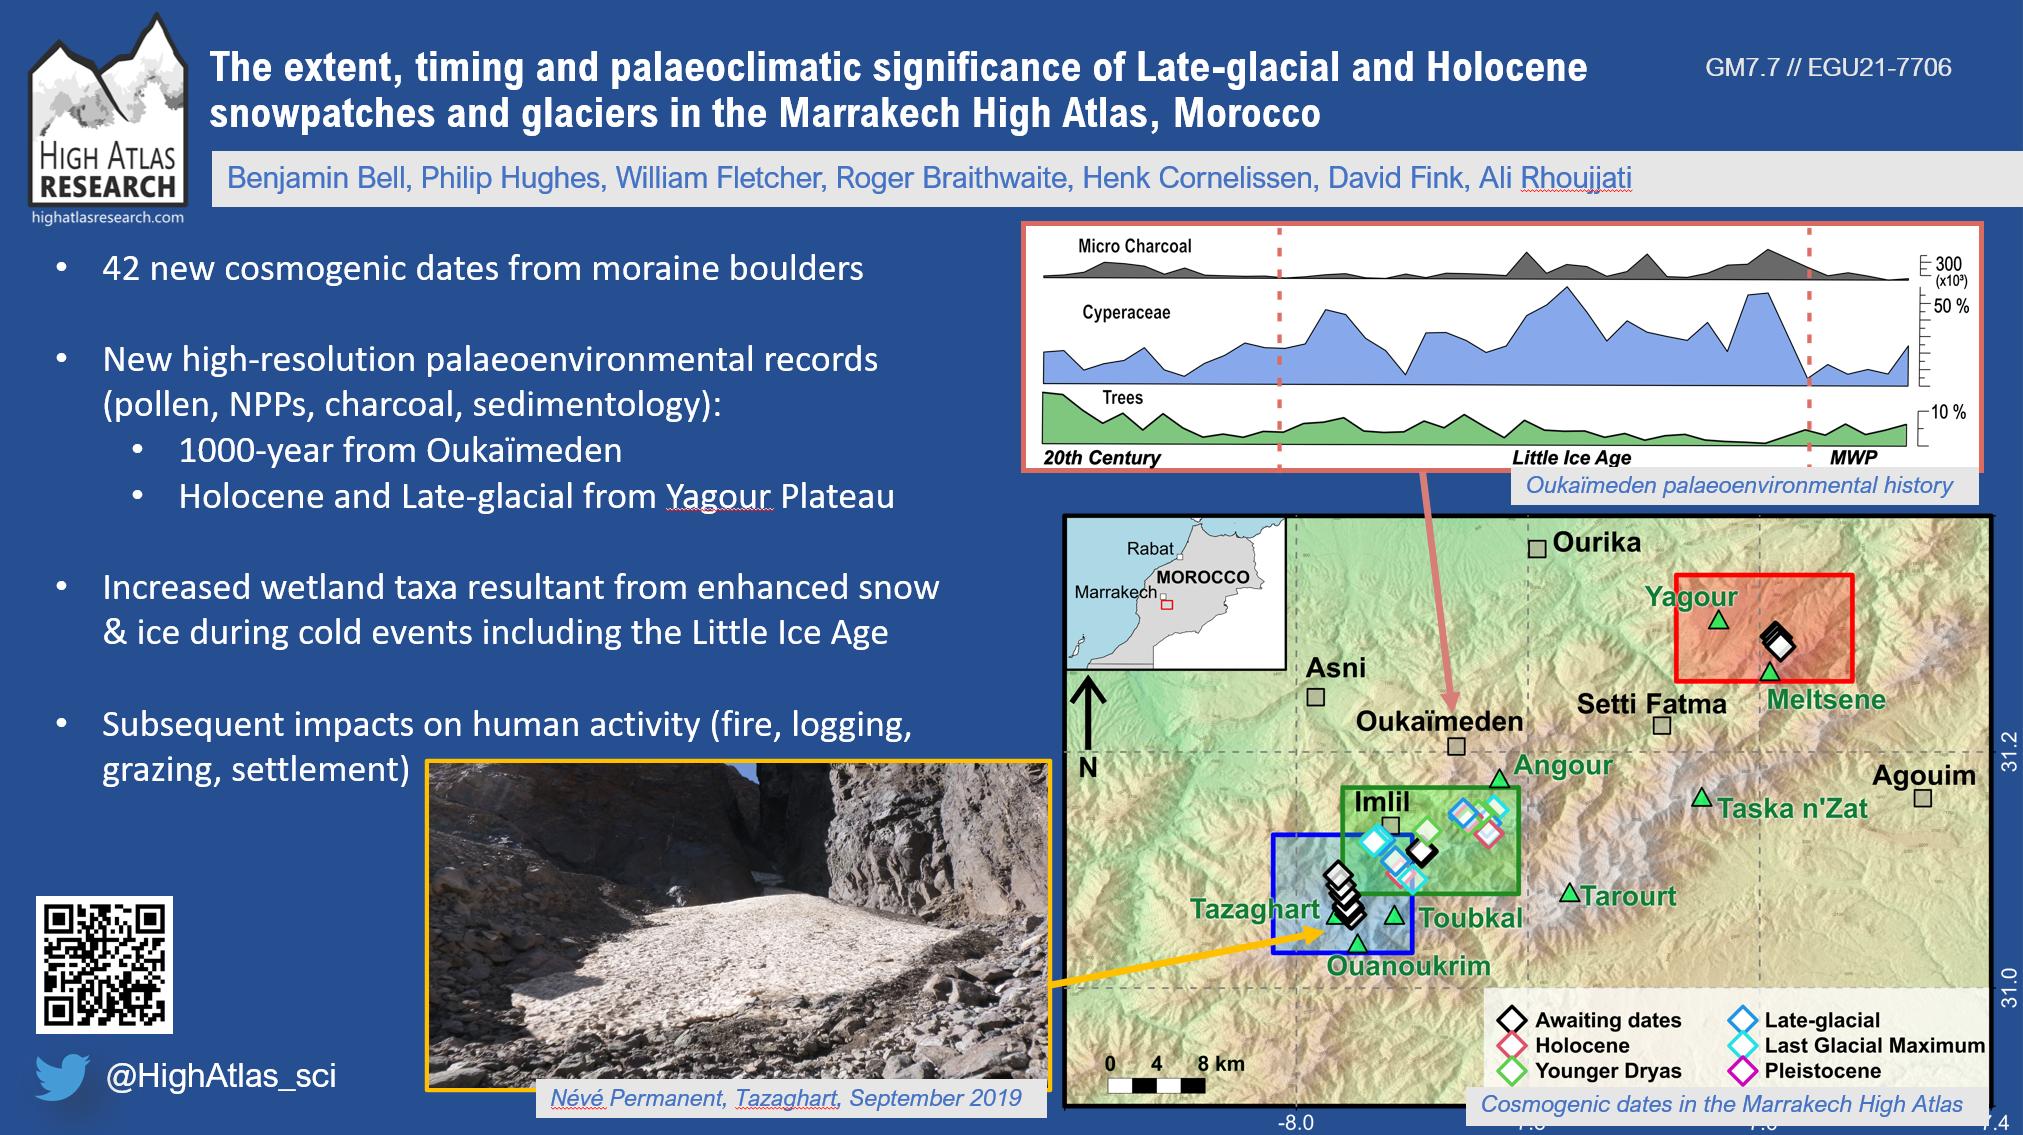 EGU 2021 - Glaciation in the High Atlas